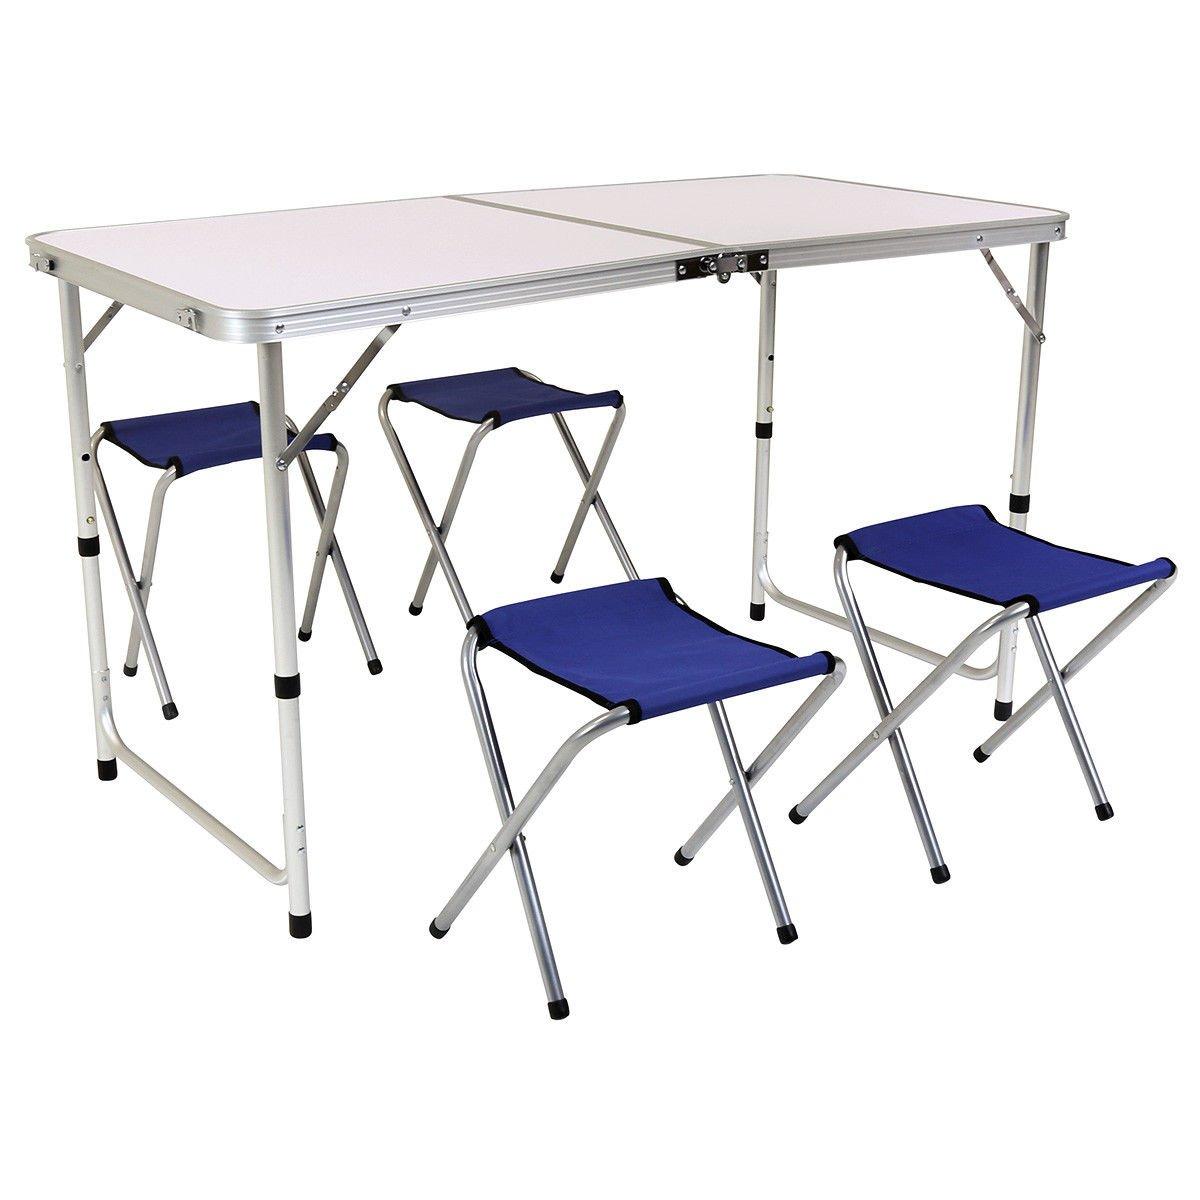 Generic ble - Juego de sillas Plegables para pícnic o Camping NV_1001007426-YCUK2-S1-180607